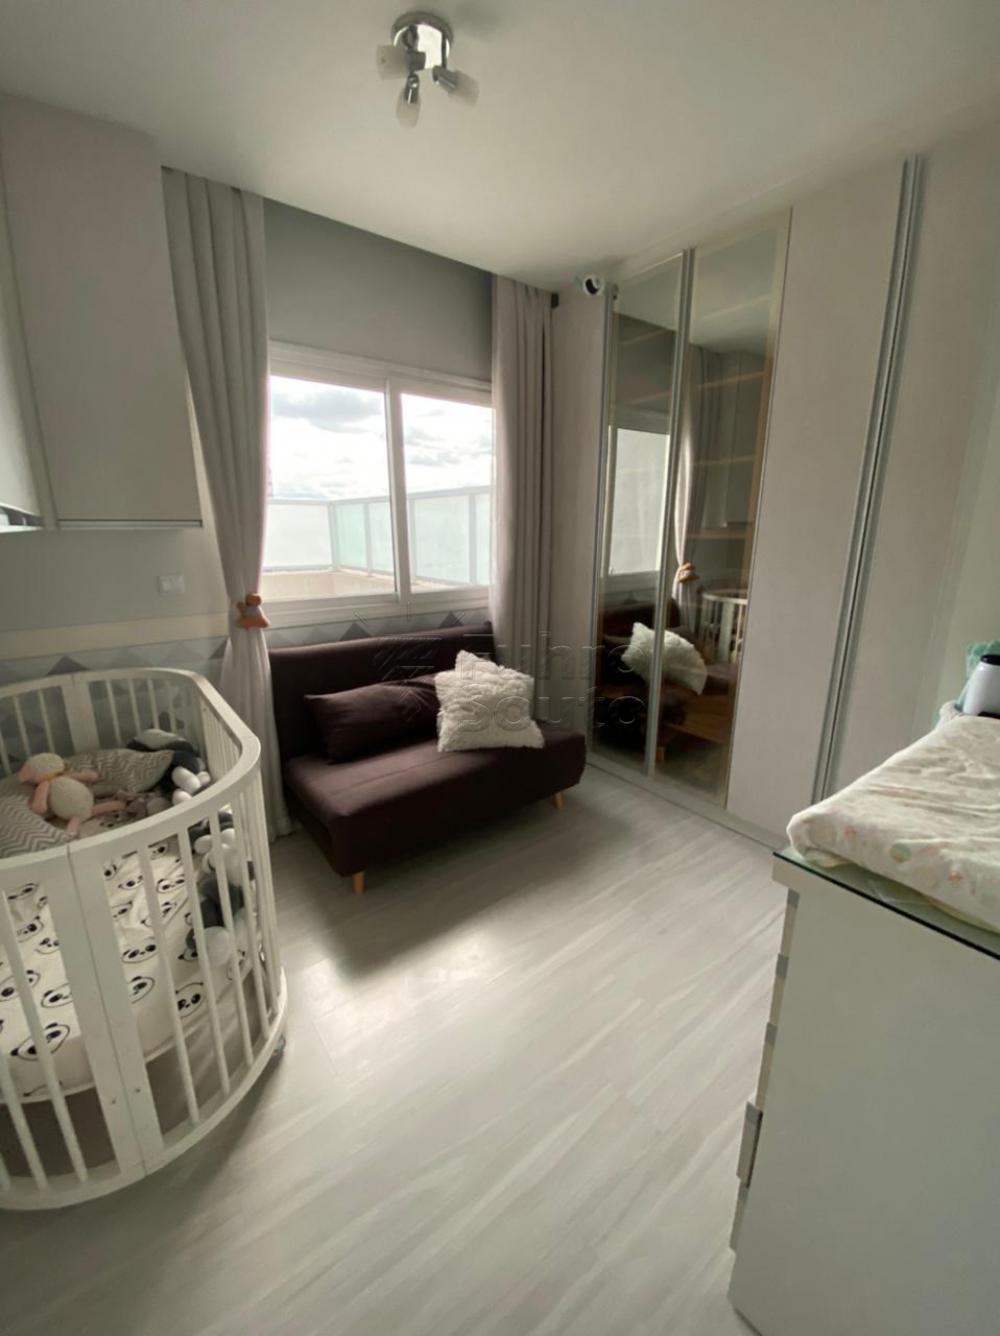 Comprar Apartamento / Padrão em Pelotas R$ 477.000,00 - Foto 13